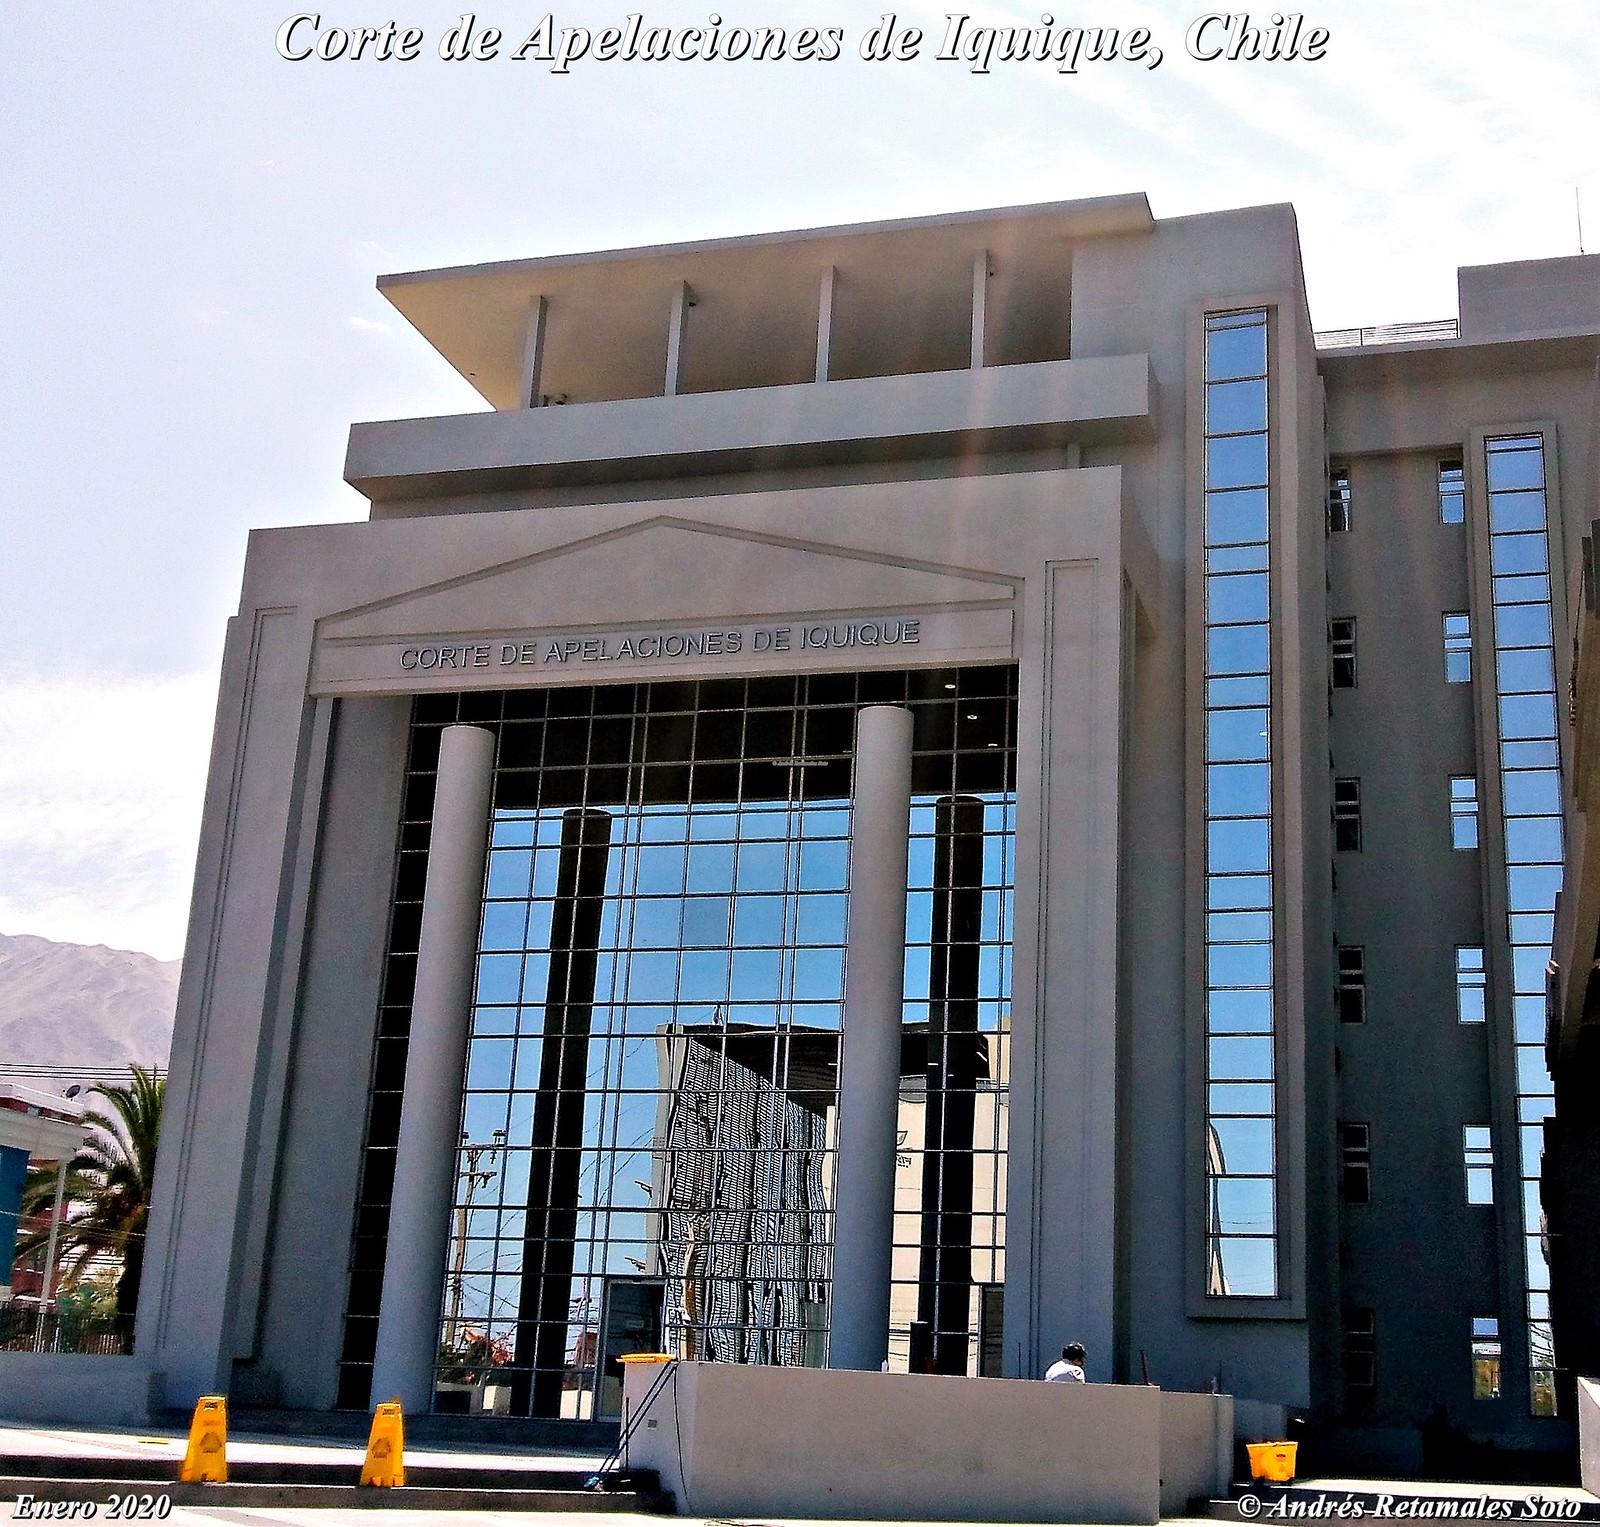 Corte de Apelaciones de Iquique, Chile, enero 2020. ⚖️🆑 - Andrés Retamales